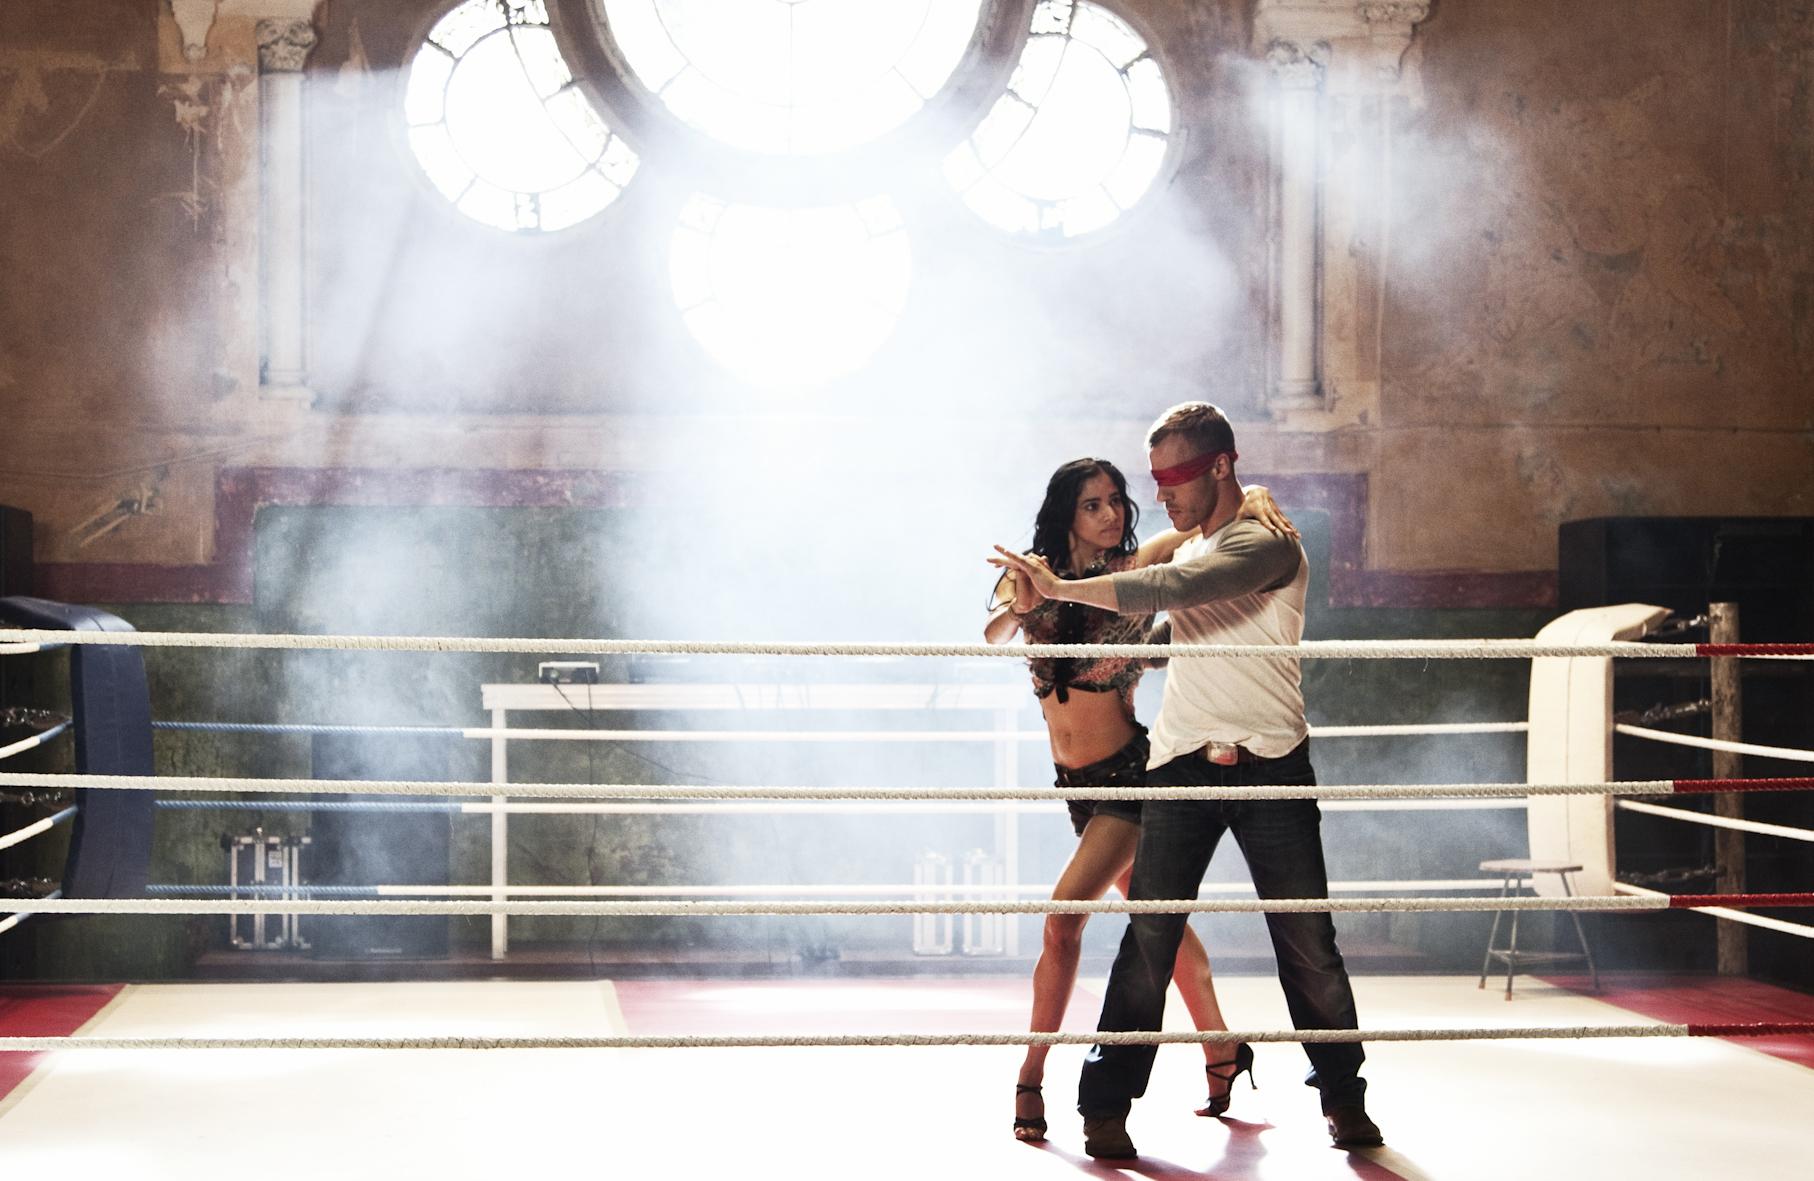 Уличные танцы 2 смотреть онлайн бесплатно в хорошем качестве 15 фотография